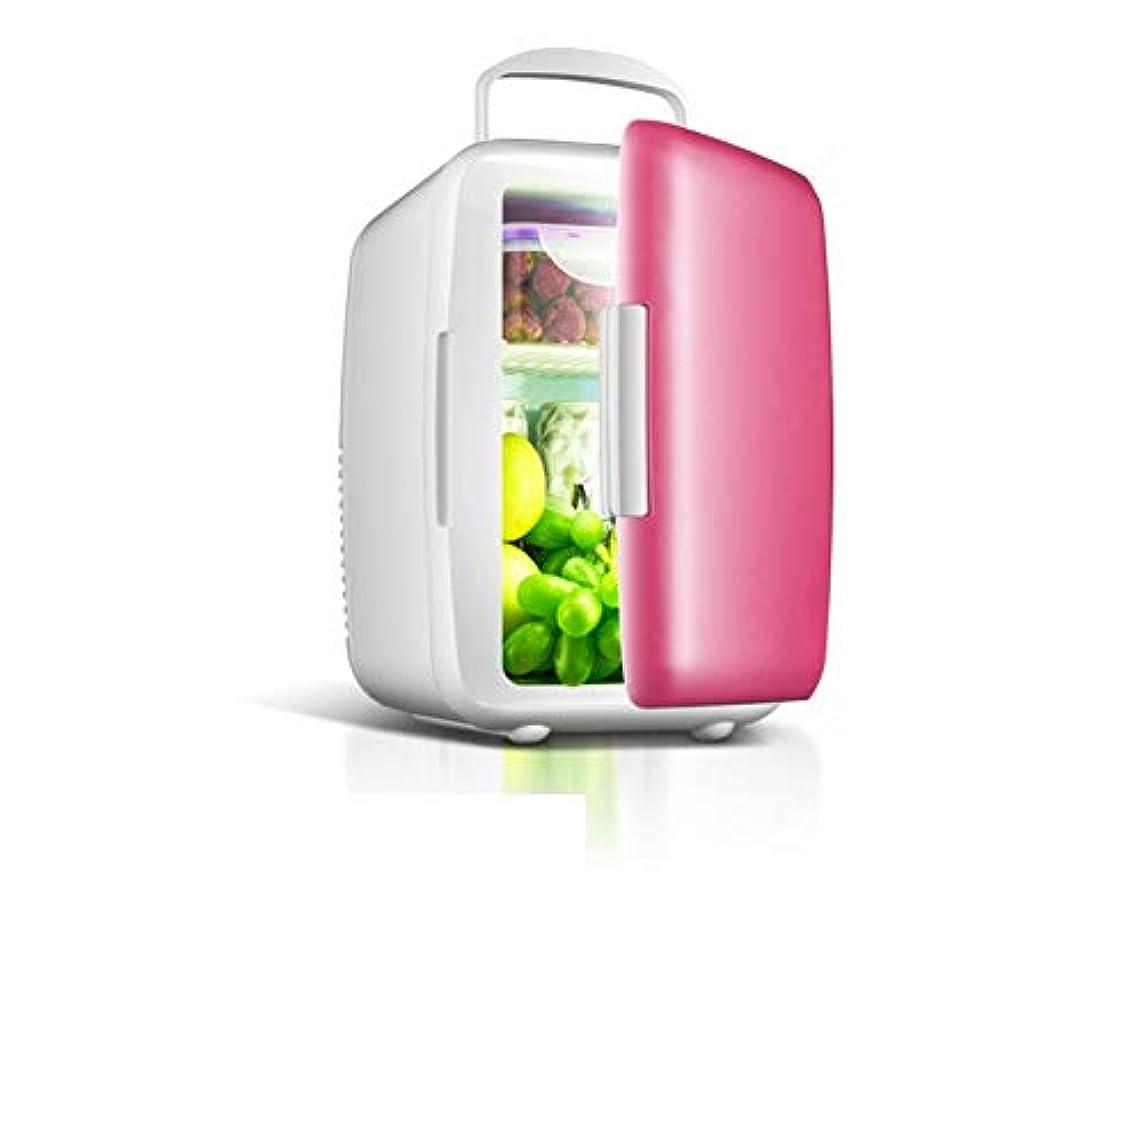 ブラザーアブストラクト反発車冷蔵庫ミニ冷蔵庫の冷却と寮の小さい冷蔵庫冷凍庫の可逆ドアを温暖化 -B 20x24.5x29cm(8x10x11)